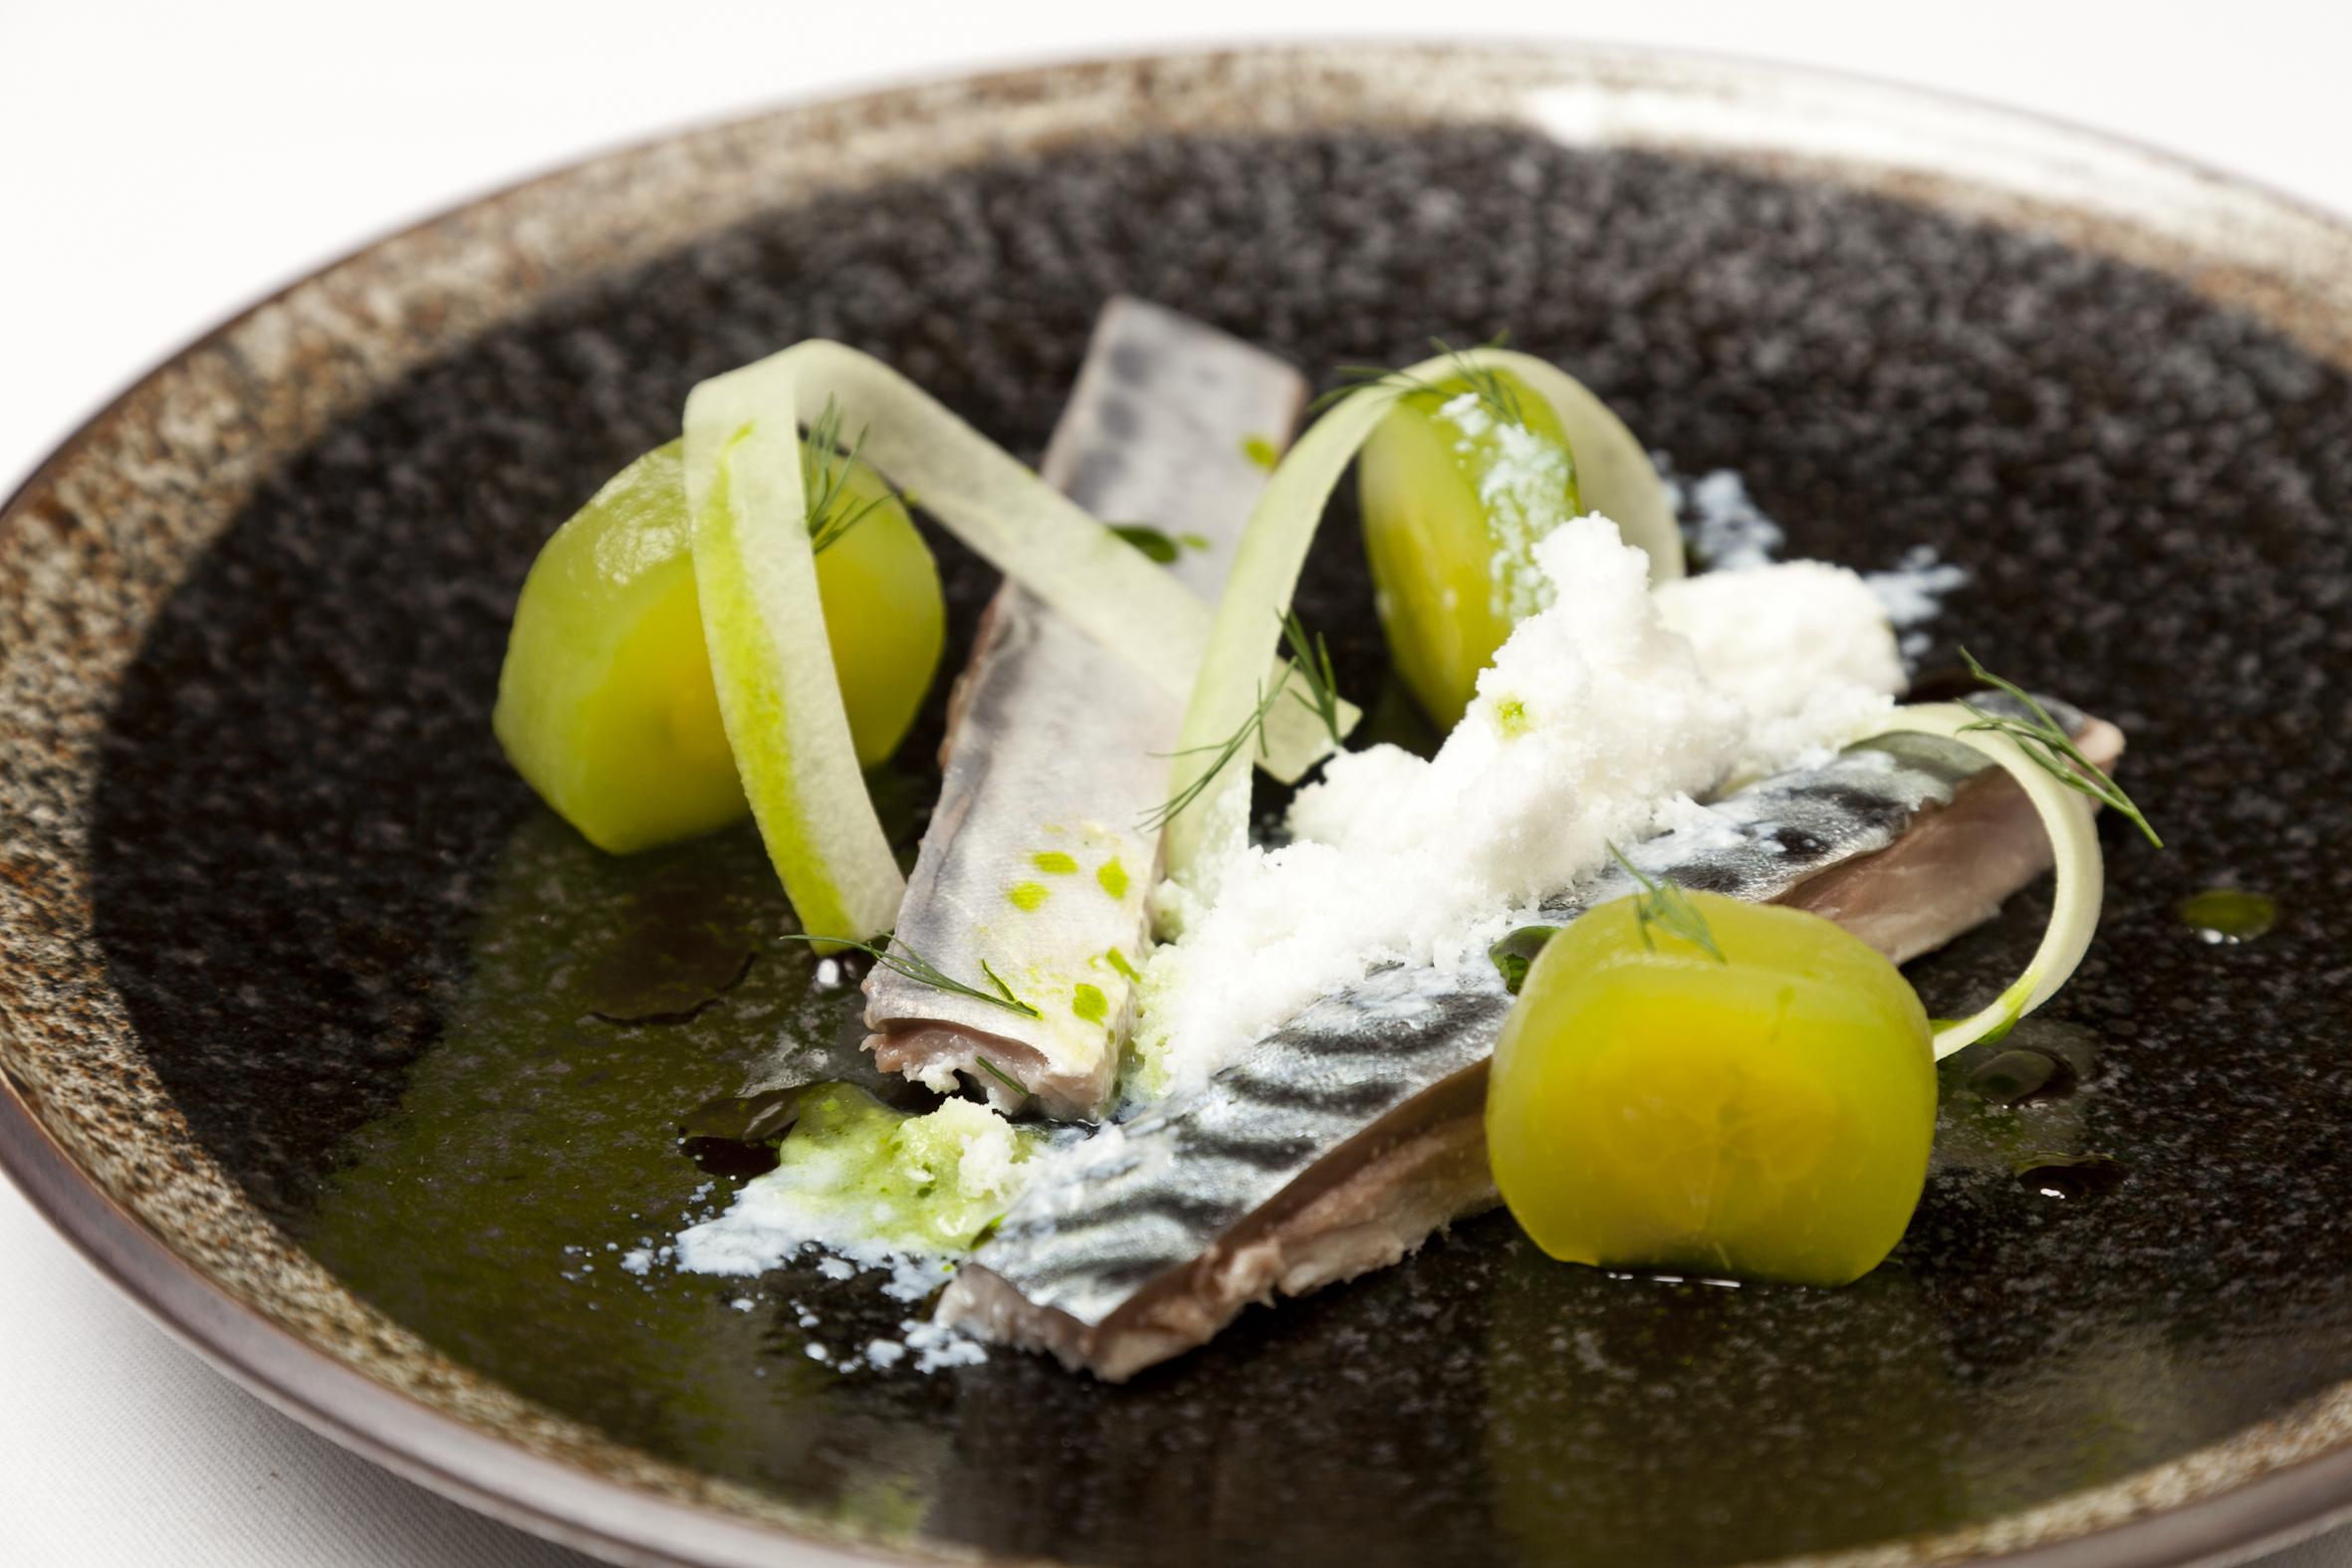 Recipe for picking mackerel